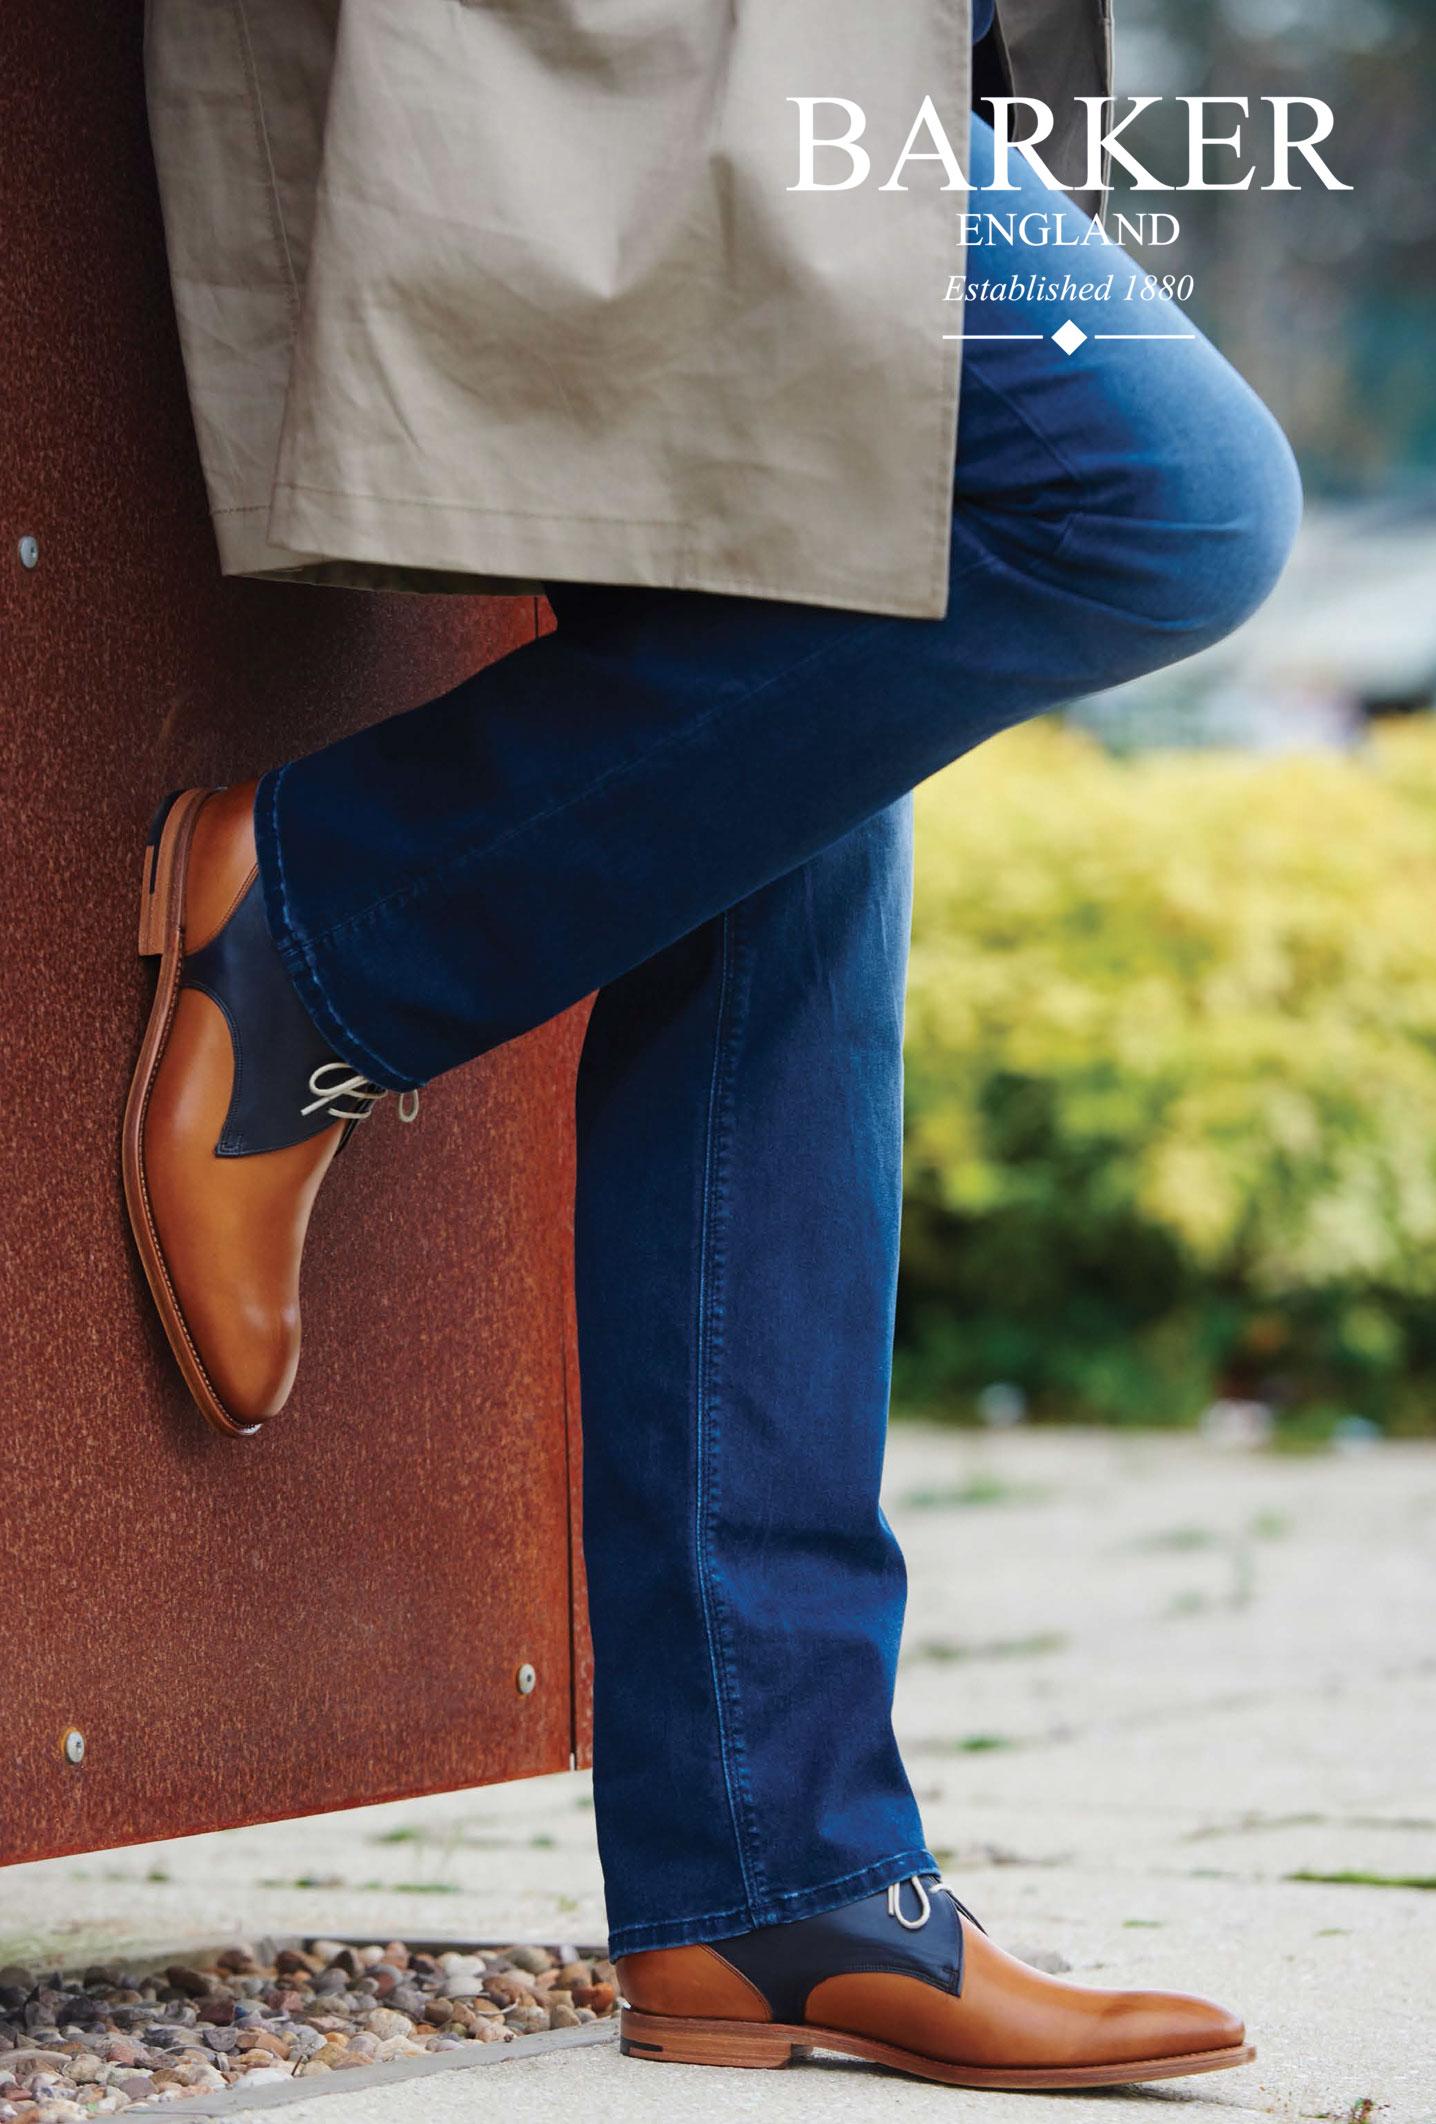 footwear_1436x2124_3